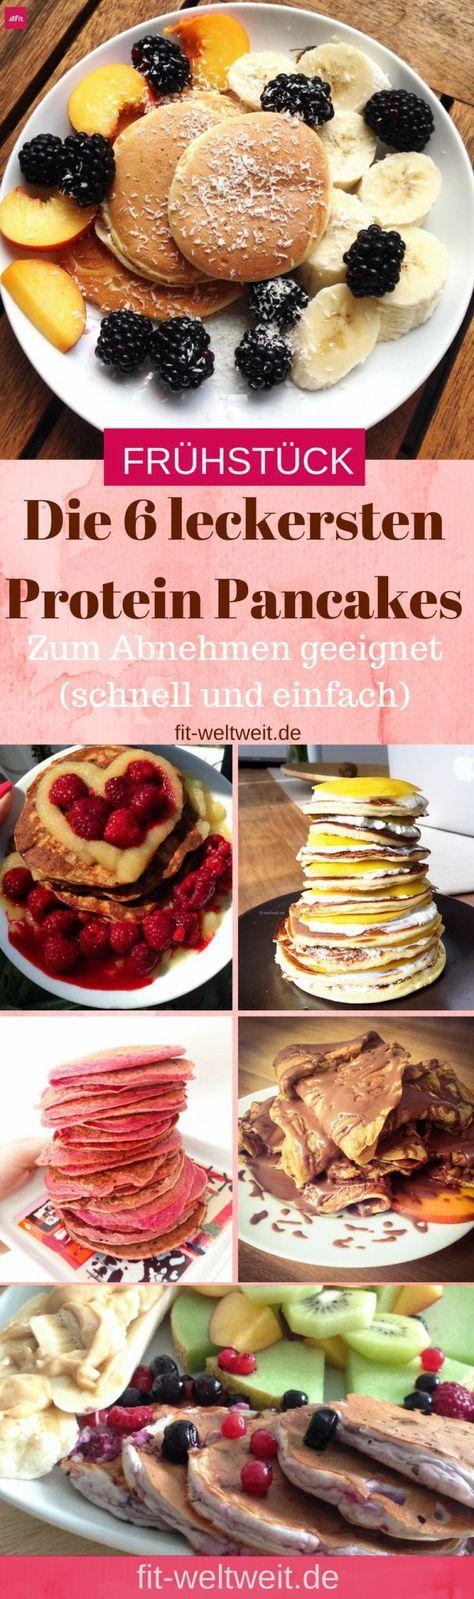 PANCAKE REZEPTE (no Carb und low Carb). Mit diesen leckeren Protein Pancakes. Sie sind das perfekte Fitness Food für nach dem Sport und eignen sich auch perfekt zum Abnehmen (HCG 21 Tage Stoffwechselkur, Weight Watchers). Die leckersten Protein Pancakes Rezepte zum Abnehmen (schnell und einfach) hohen Eiweißanteil und enthalten wenig bis garkein Fett. 6 leckere, einfache und schnelle Rezepte für Protein Pancakes rausgesucht.